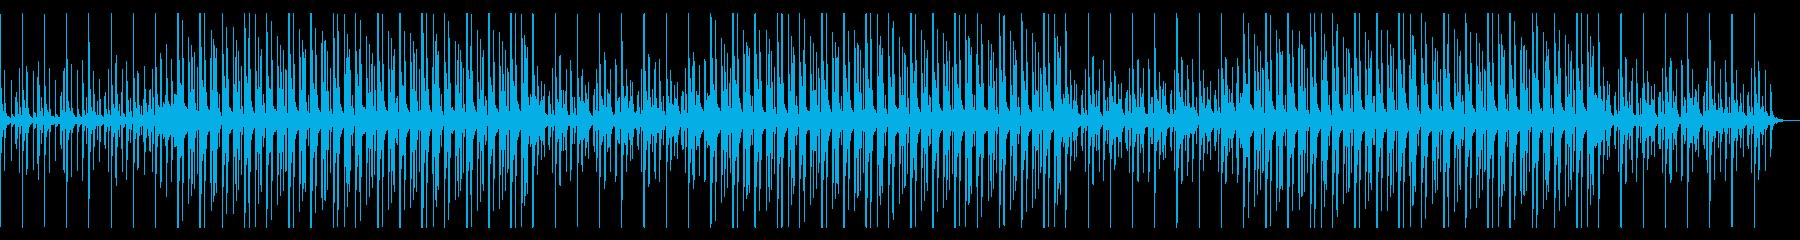 和風・ビート・森・神社・神秘の再生済みの波形